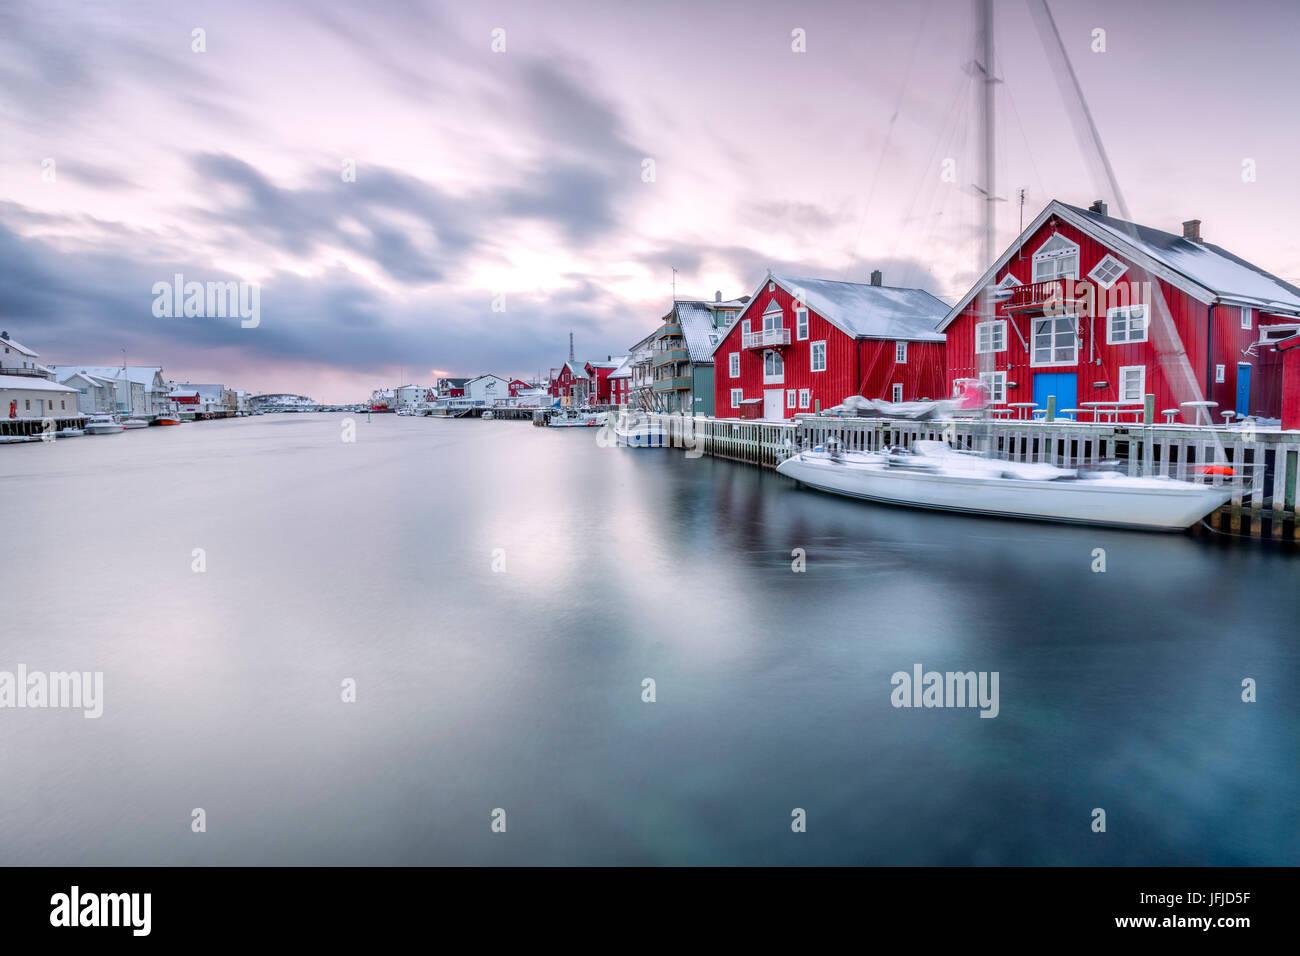 Die typischen Fischerdorf Dorf von Henningsvær mit seinen roten Häusern genannt Rorbu Lofoten Inseln Norwegen Stockbild